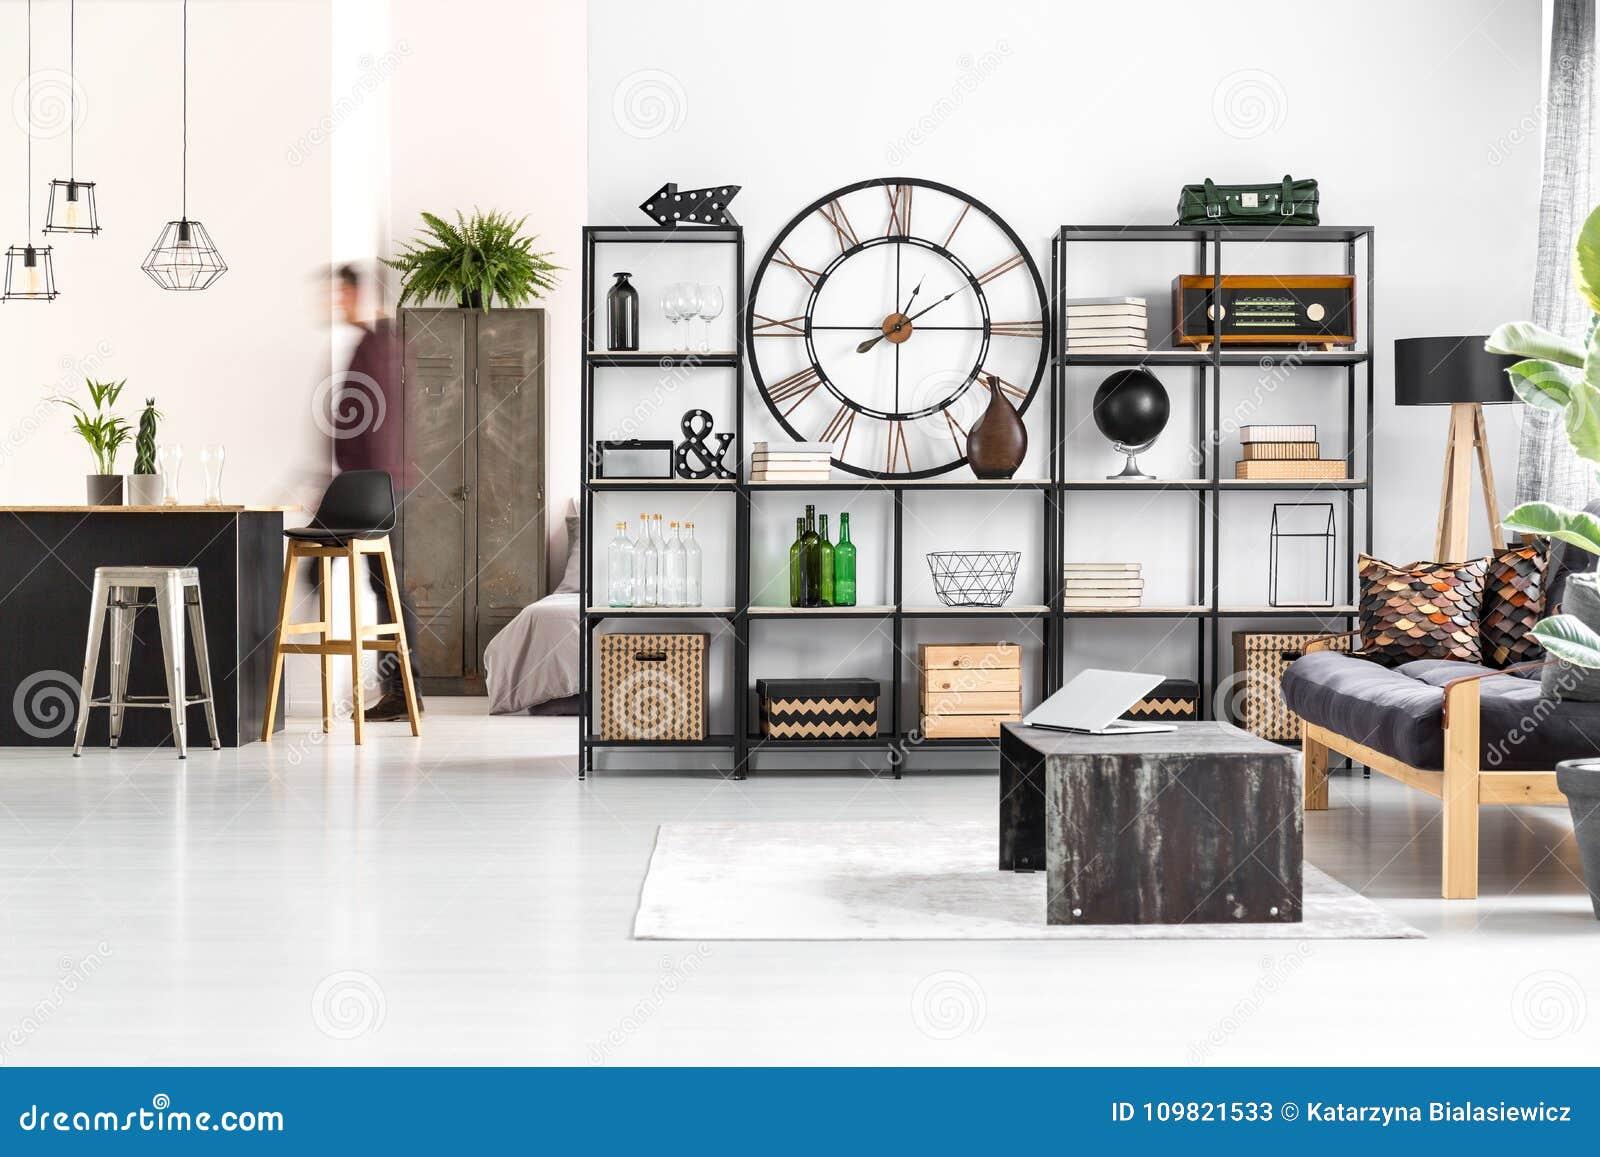 Ronde klok in woonkamer stock afbeelding. Afbeelding bestaande uit ...